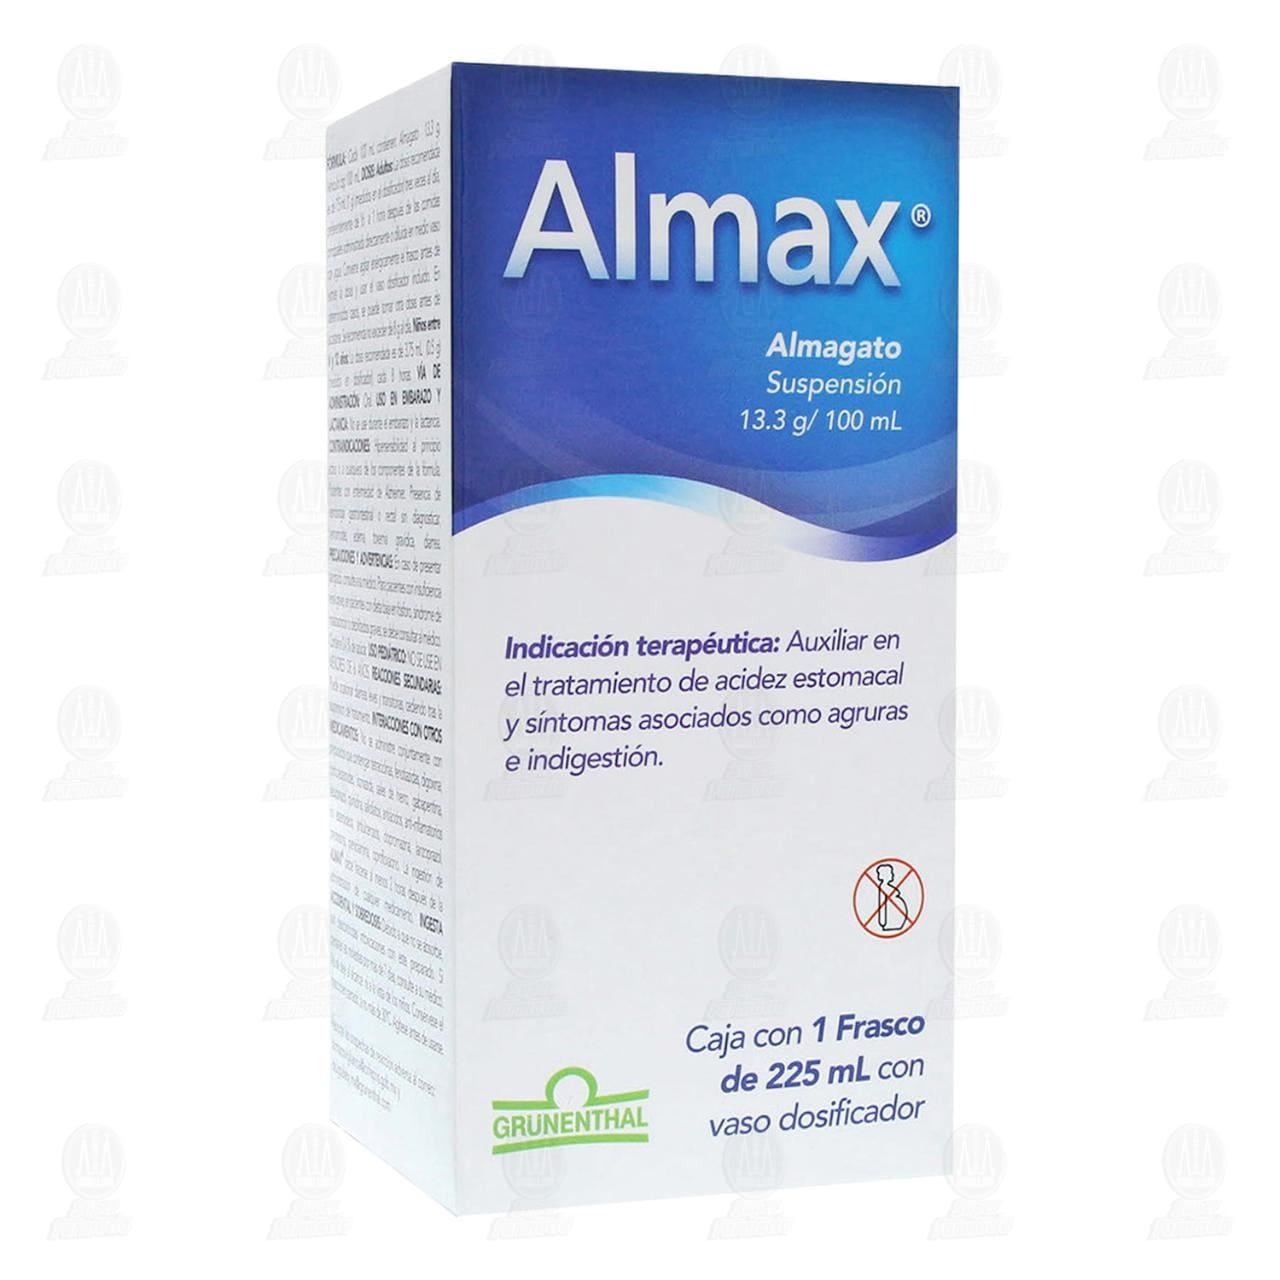 Comprar Almax 13.3g/100ml 225ml Suspensión en Farmacias Guadalajara